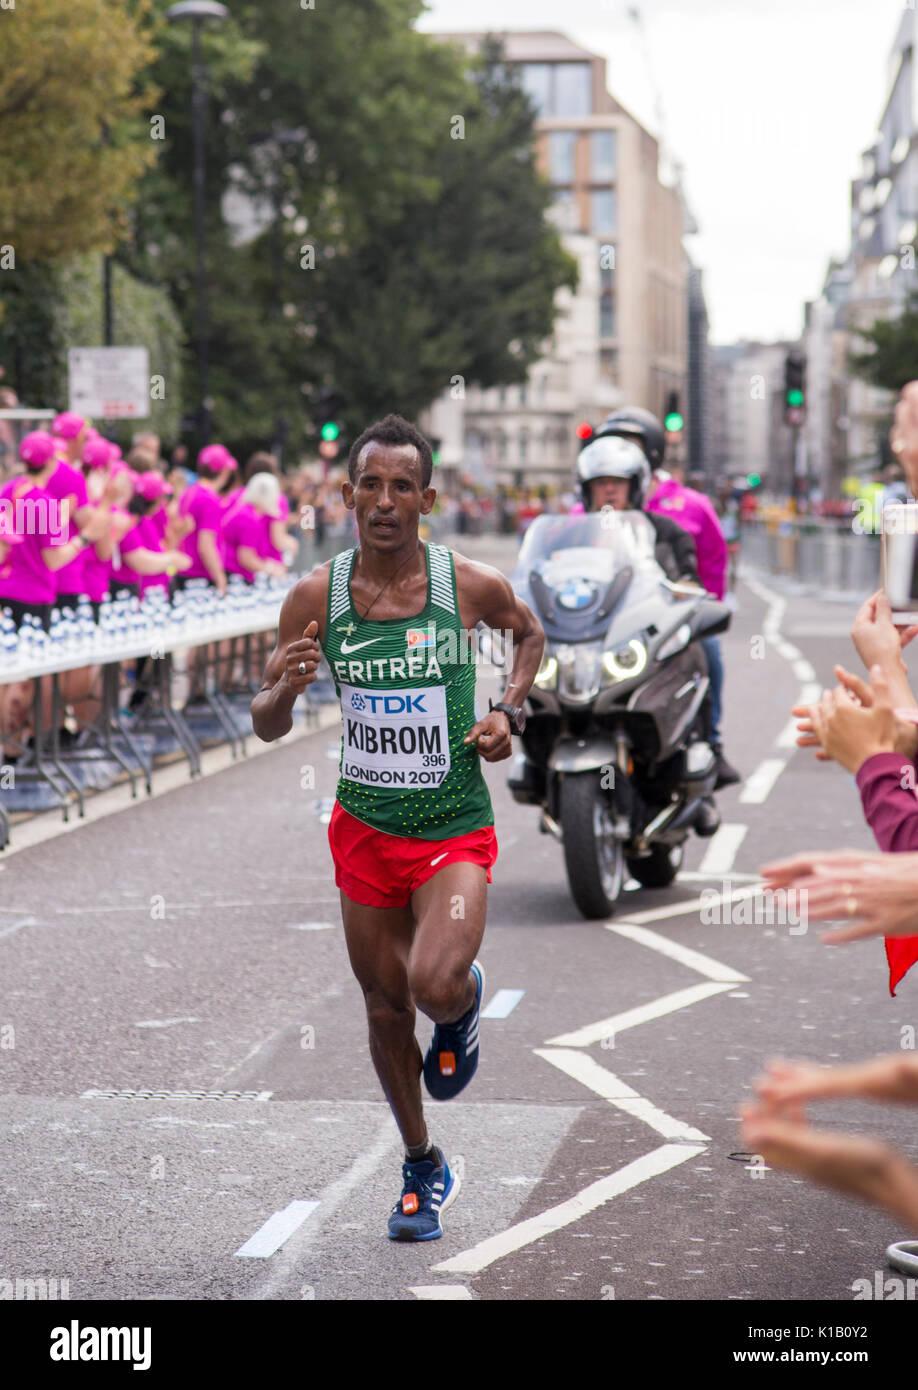 6 Jul '17 London: Eritreische Ghebrezgiaghier KIBROM fließt Wasser Station während der IAAF Leichtathletik-Weltmeisterschaft 2017 Männer Marathon Stockbild